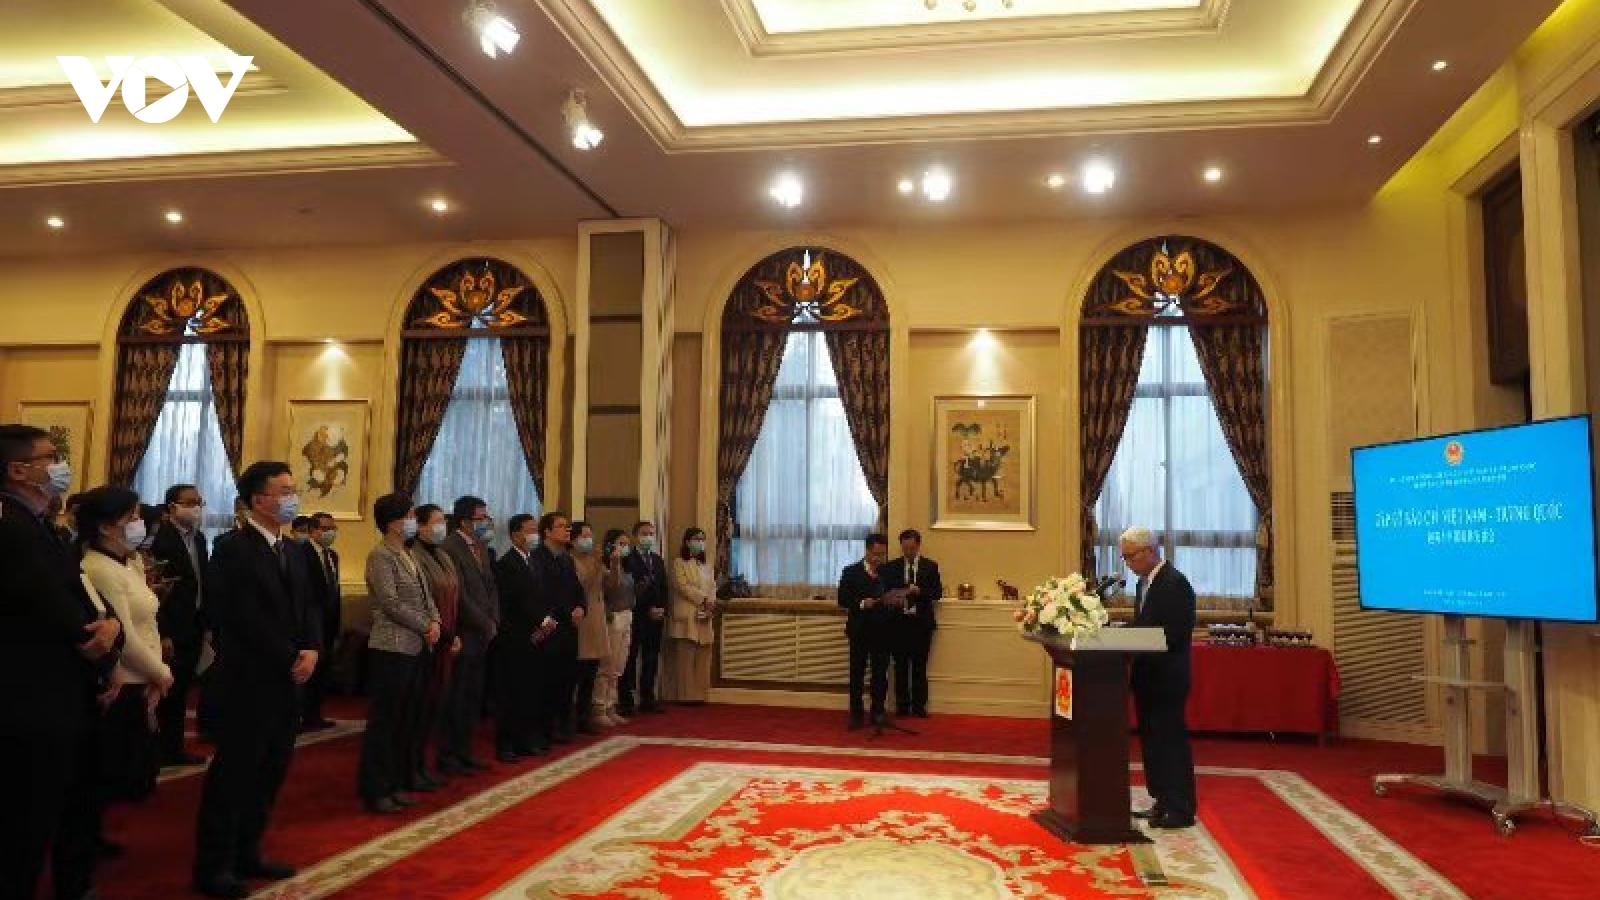 Đại sứ Phạm Sao Mai gặp gỡ báo chí Trung Quốc trước thềm năm mới 2021